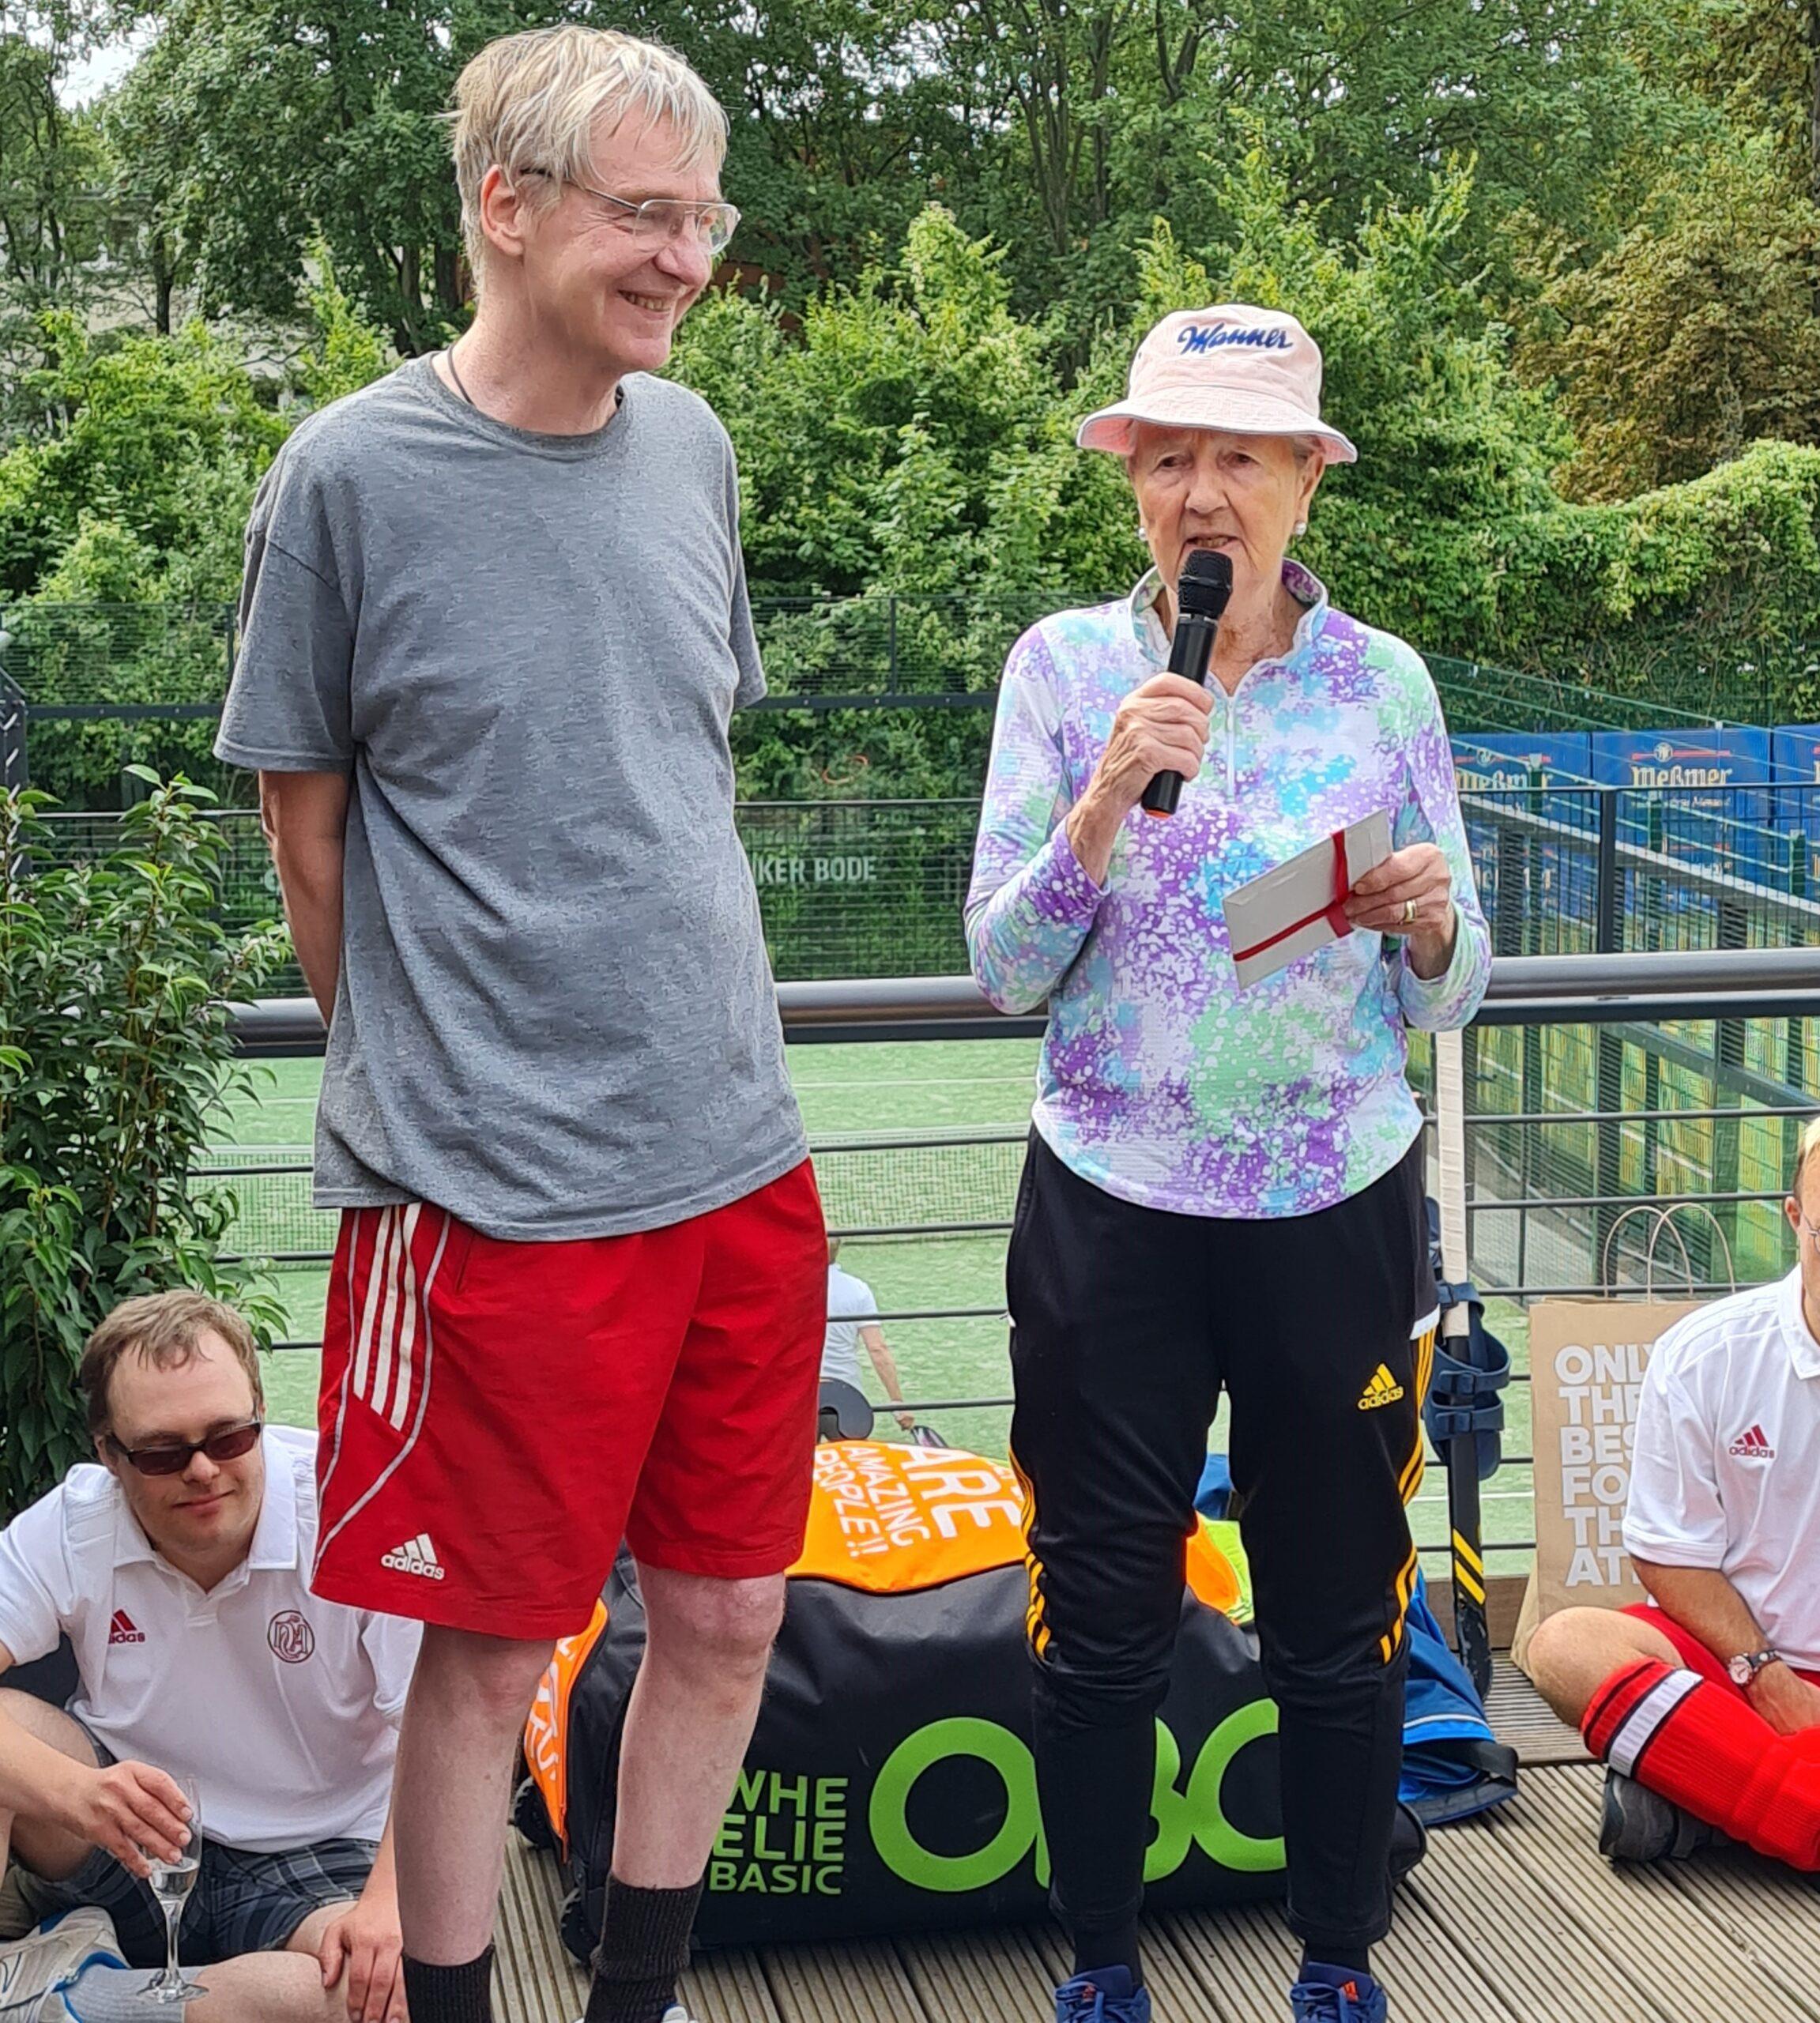 Greta Blunck hält eine Rede. Daneben steht Sven Neuwerk.